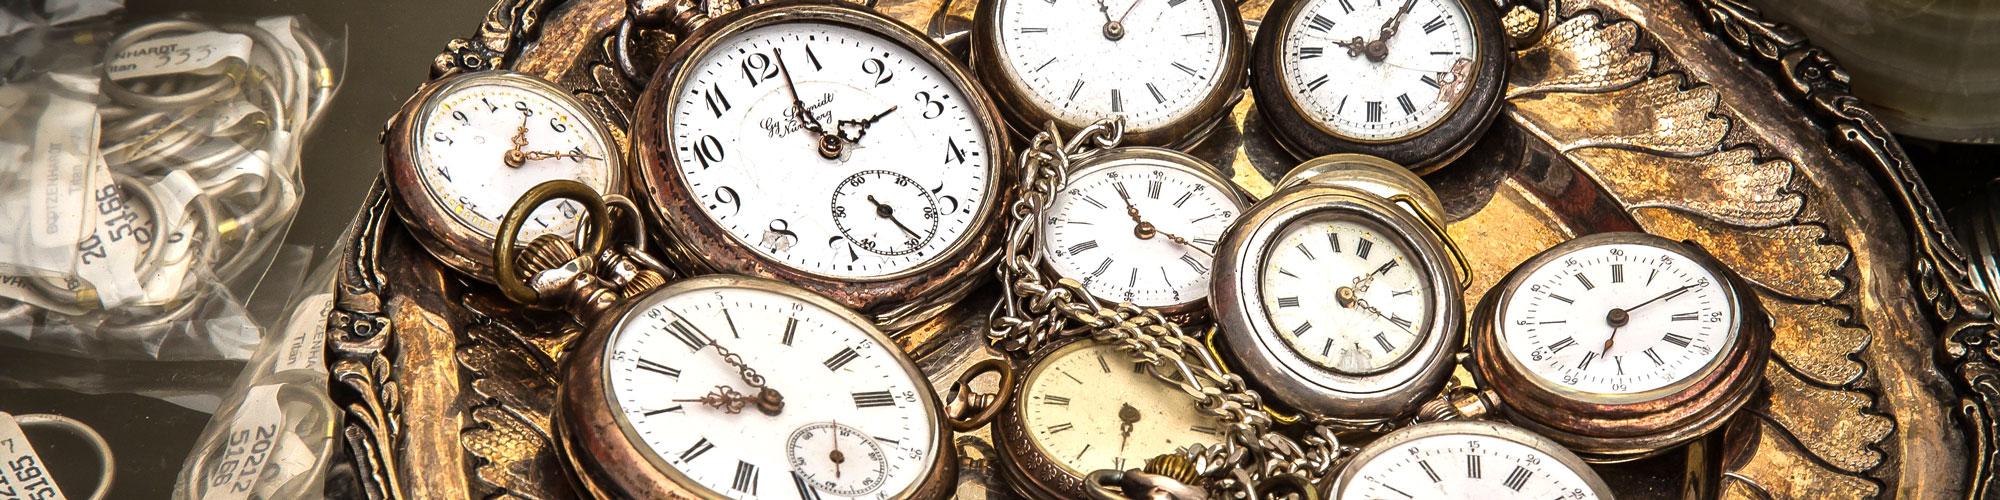 clock-2331699